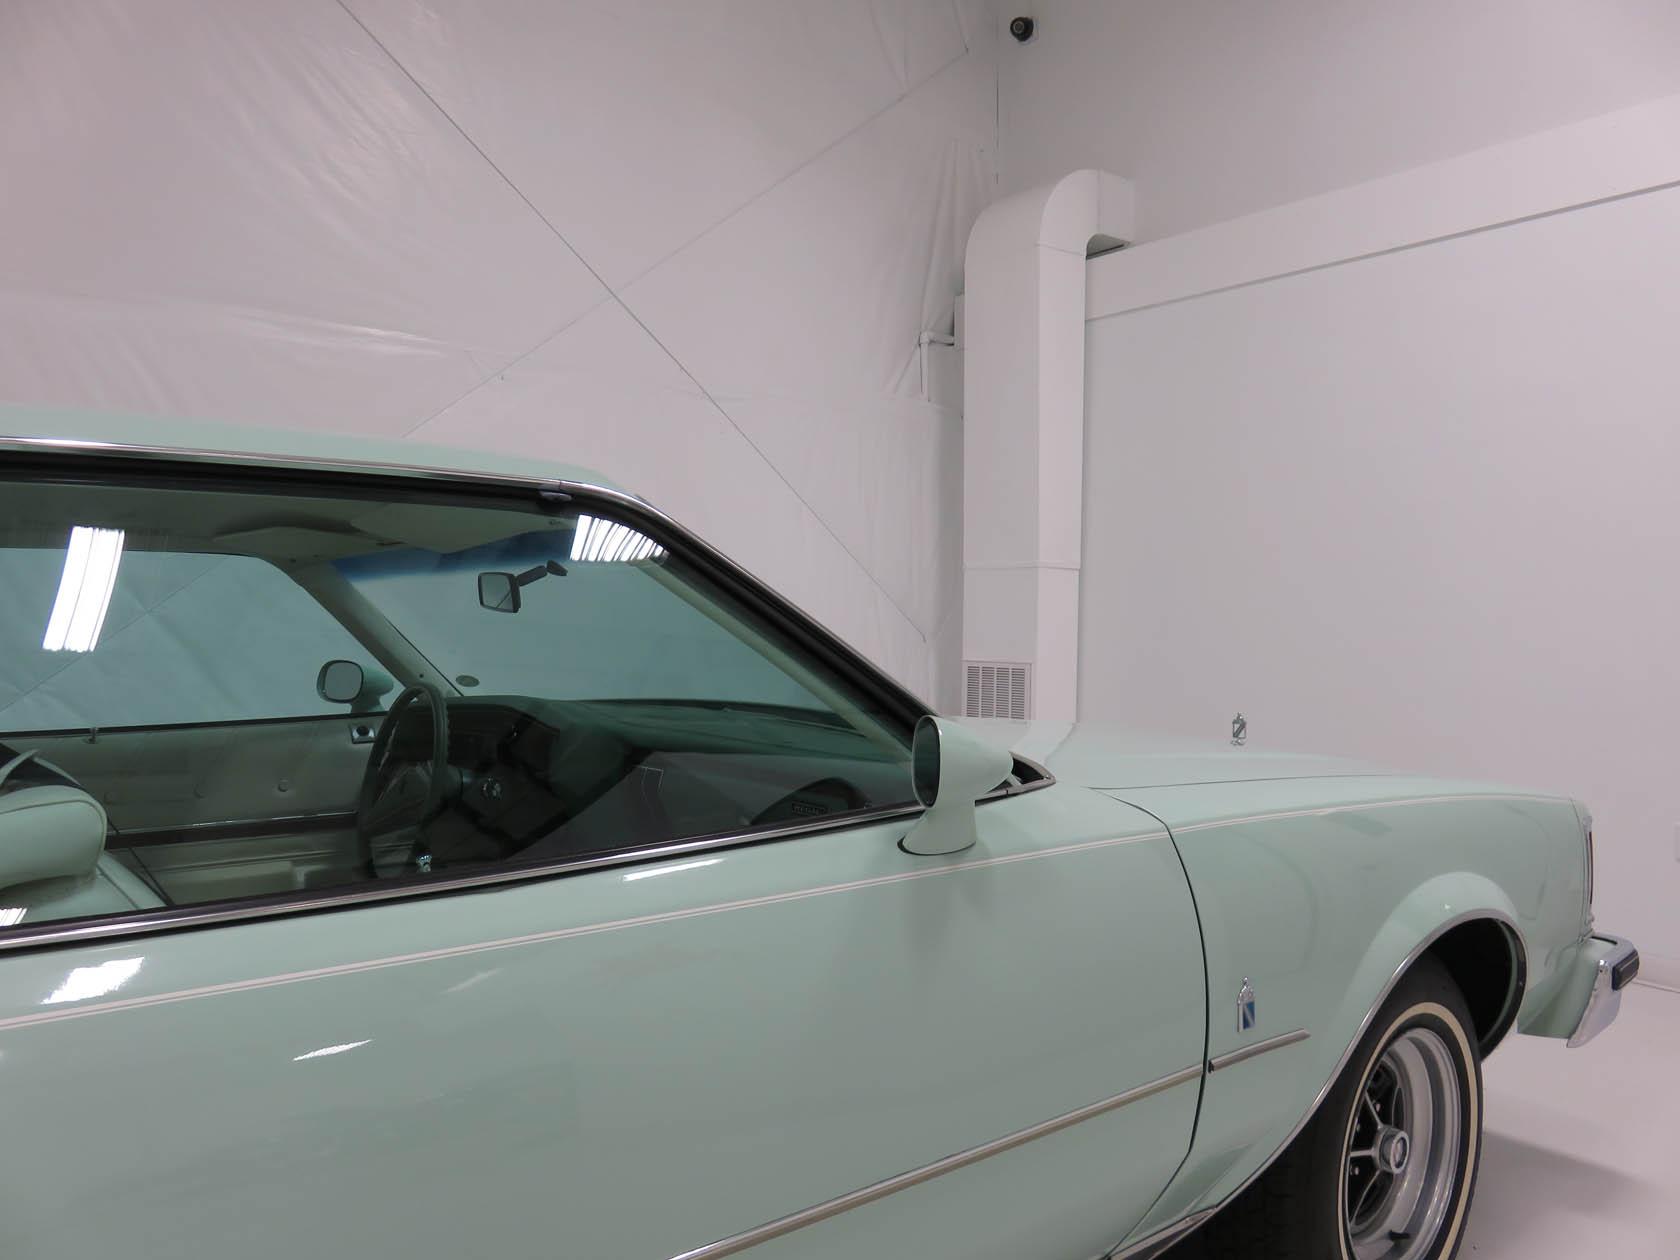 Michael Esposito - 1974 Oldsmobile Cutlasss Supreme 331